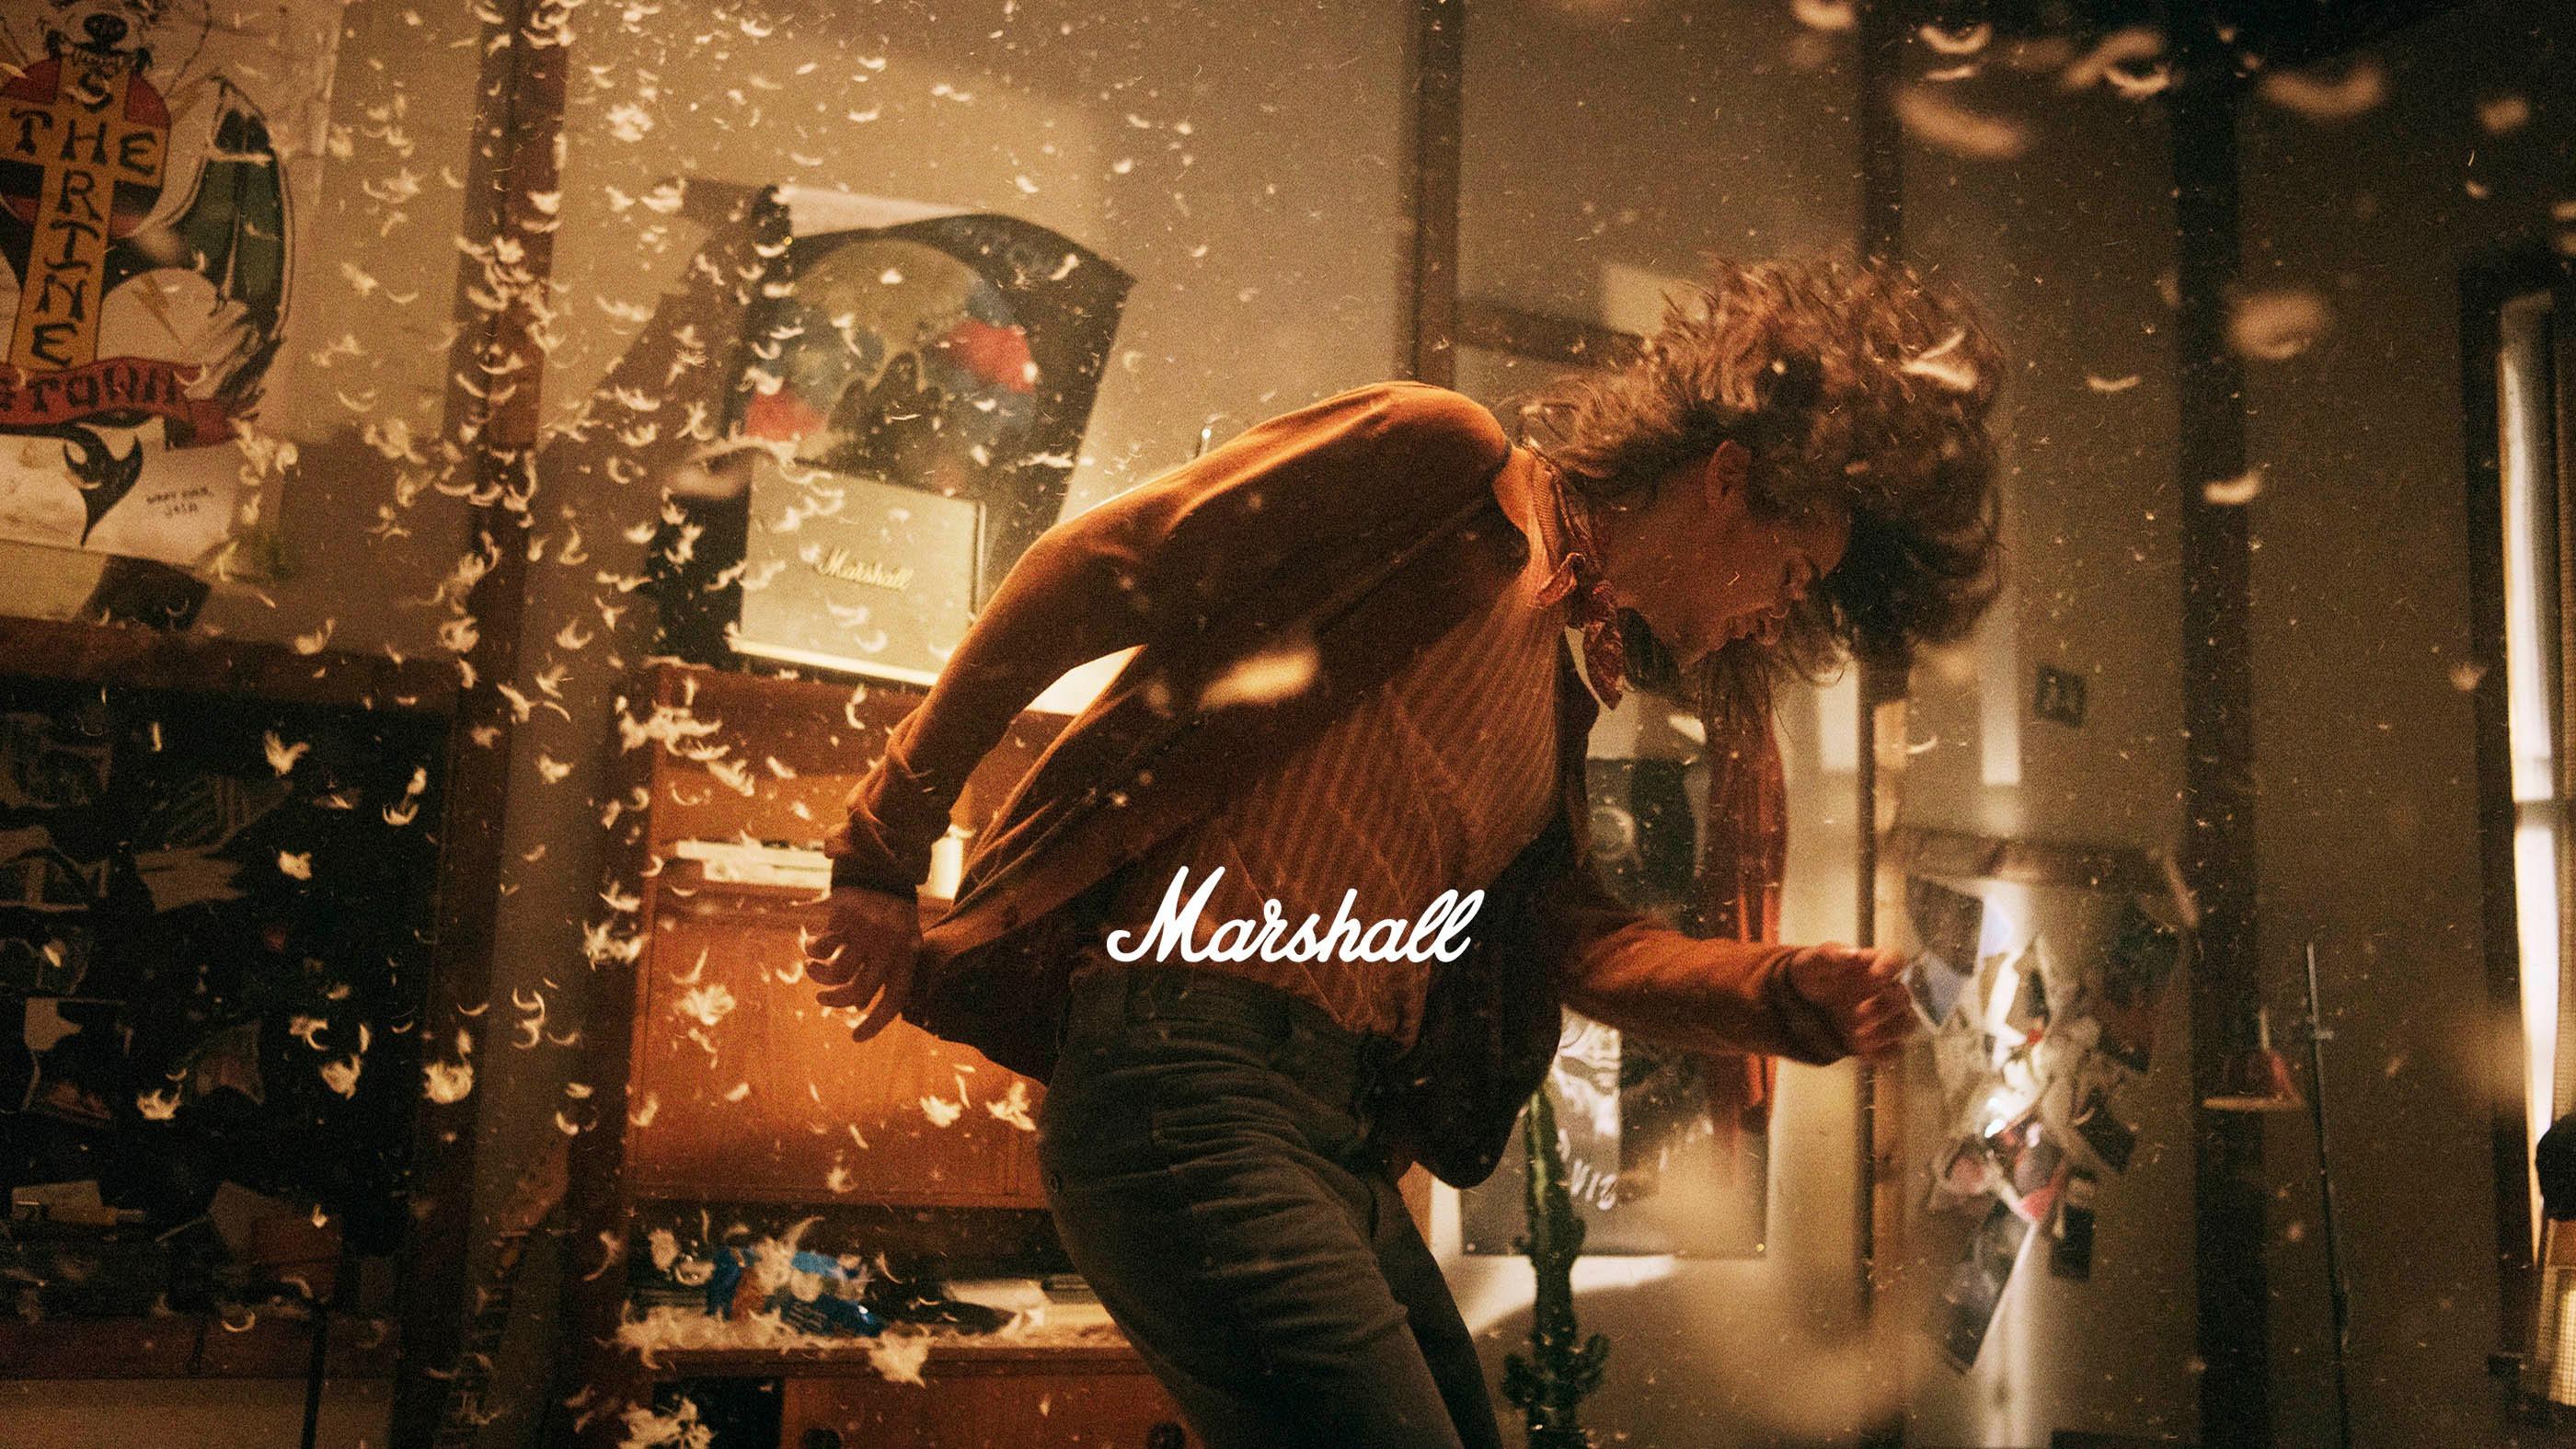 設計師品牌 - Marshall